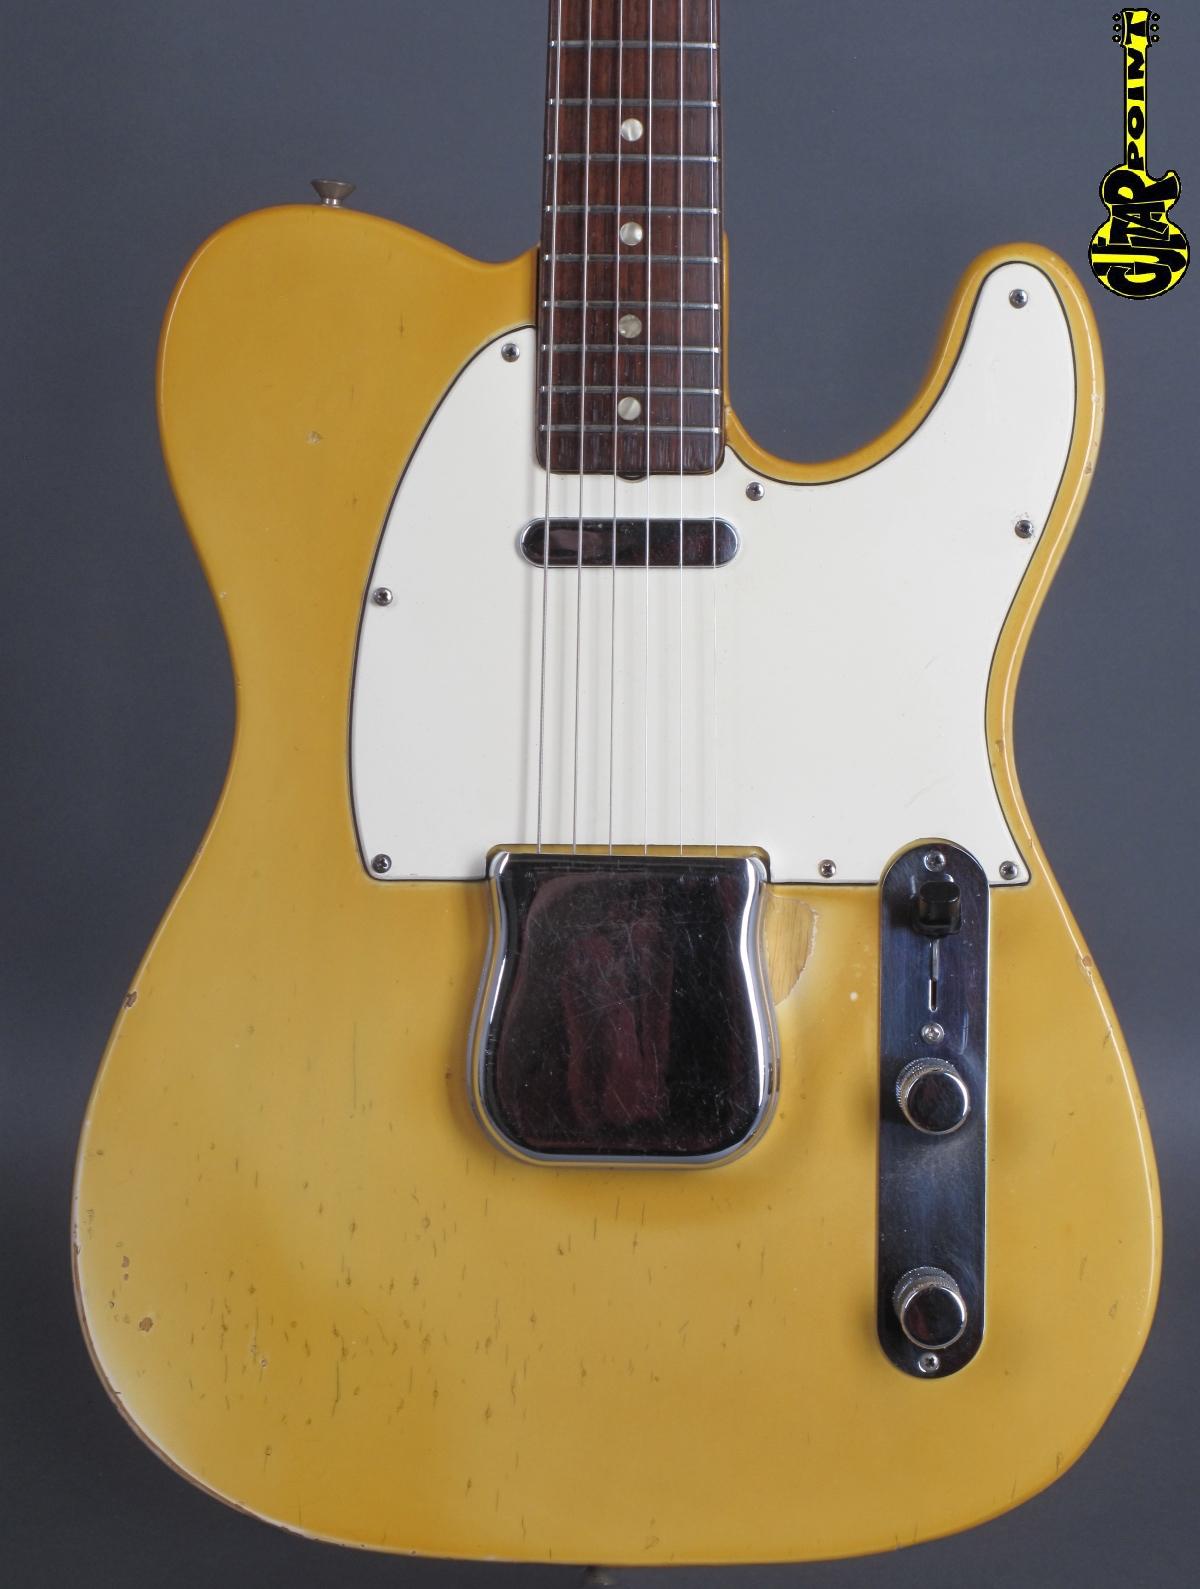 1969 Fender Telecaster - Blond  incl. orig. Tolex case